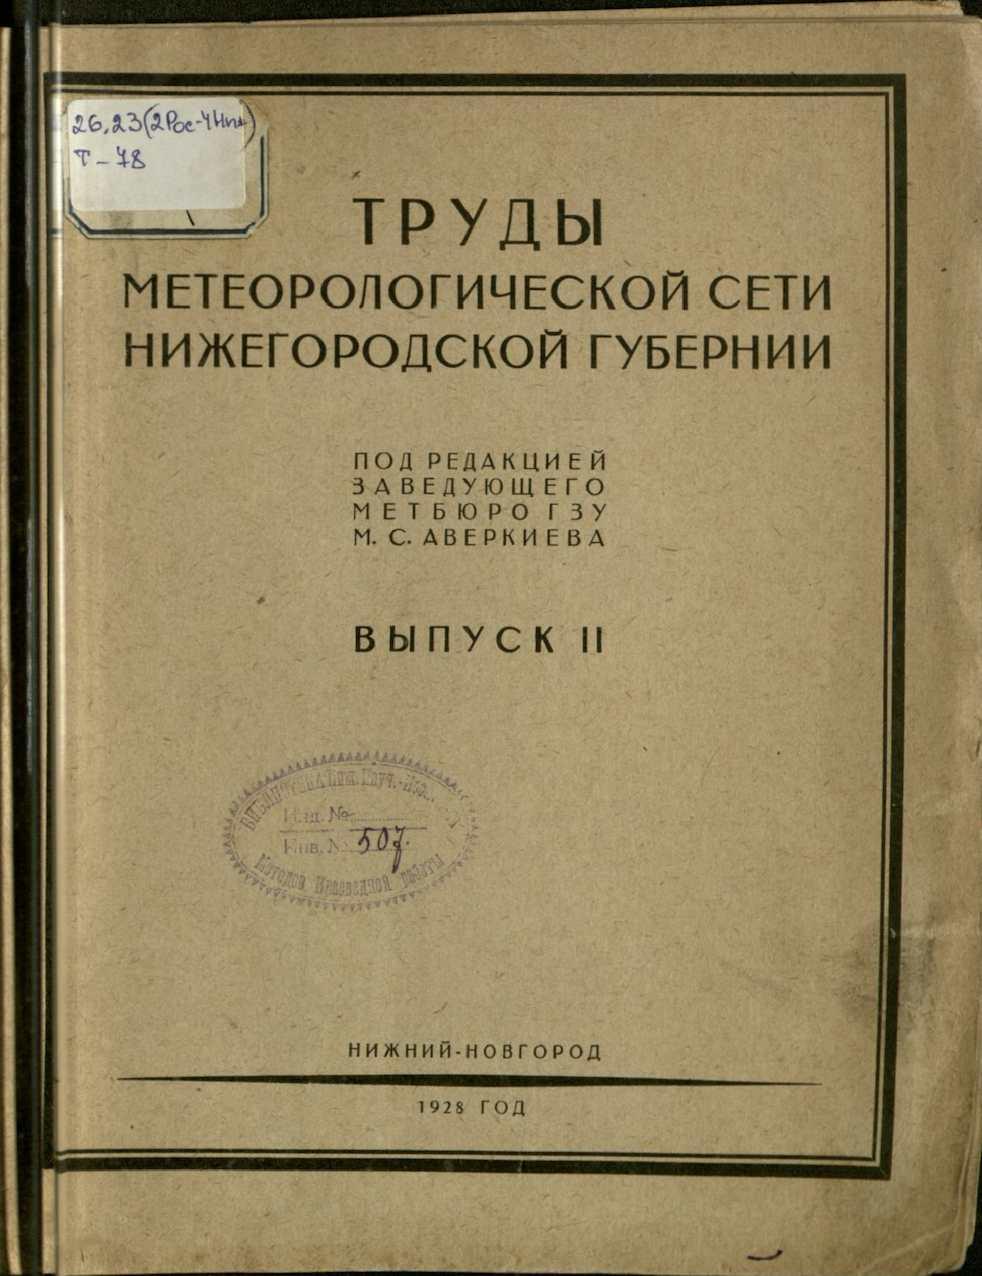 Труды метеорологической сети Нижегородской  губернии. Вып. 2